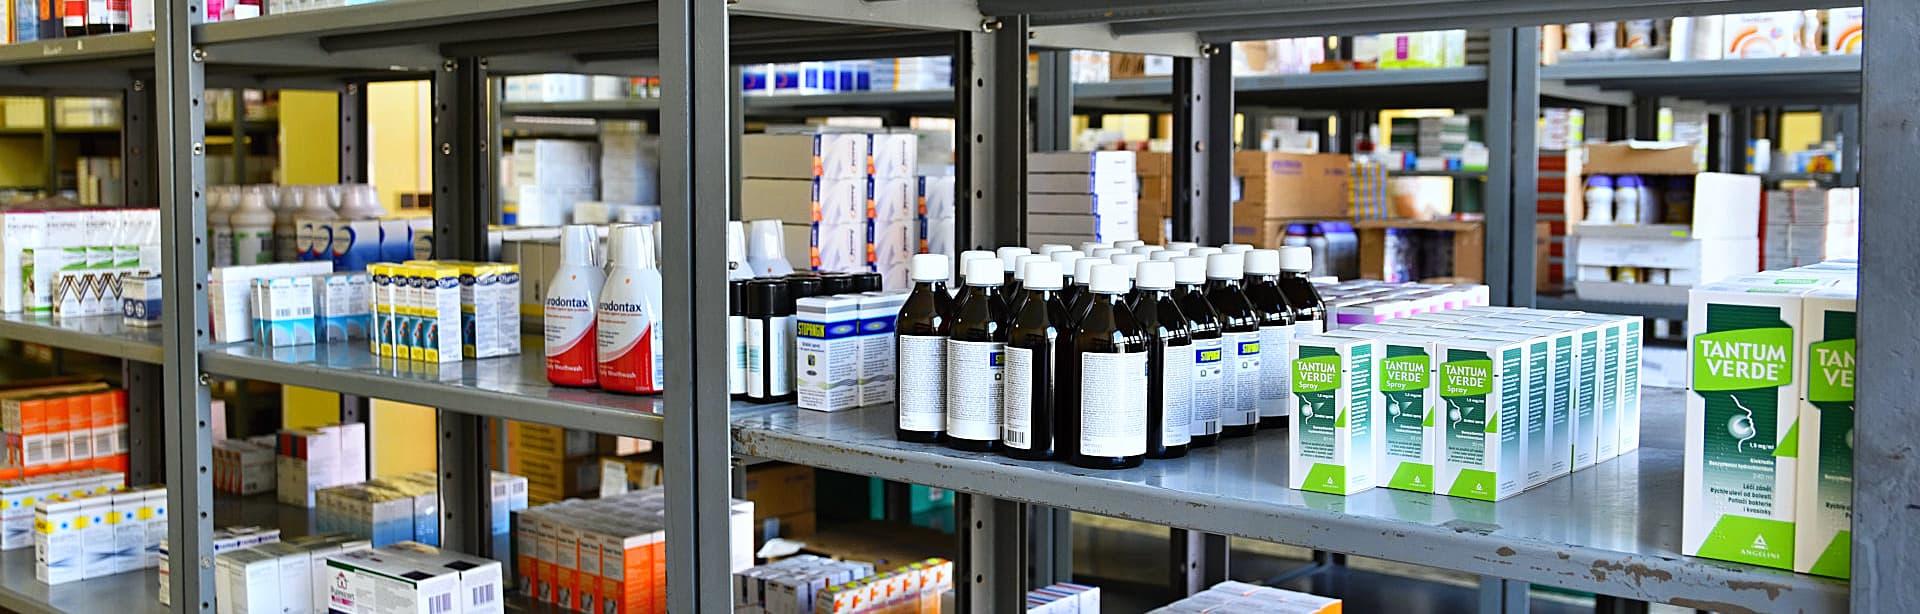 medicines and vials